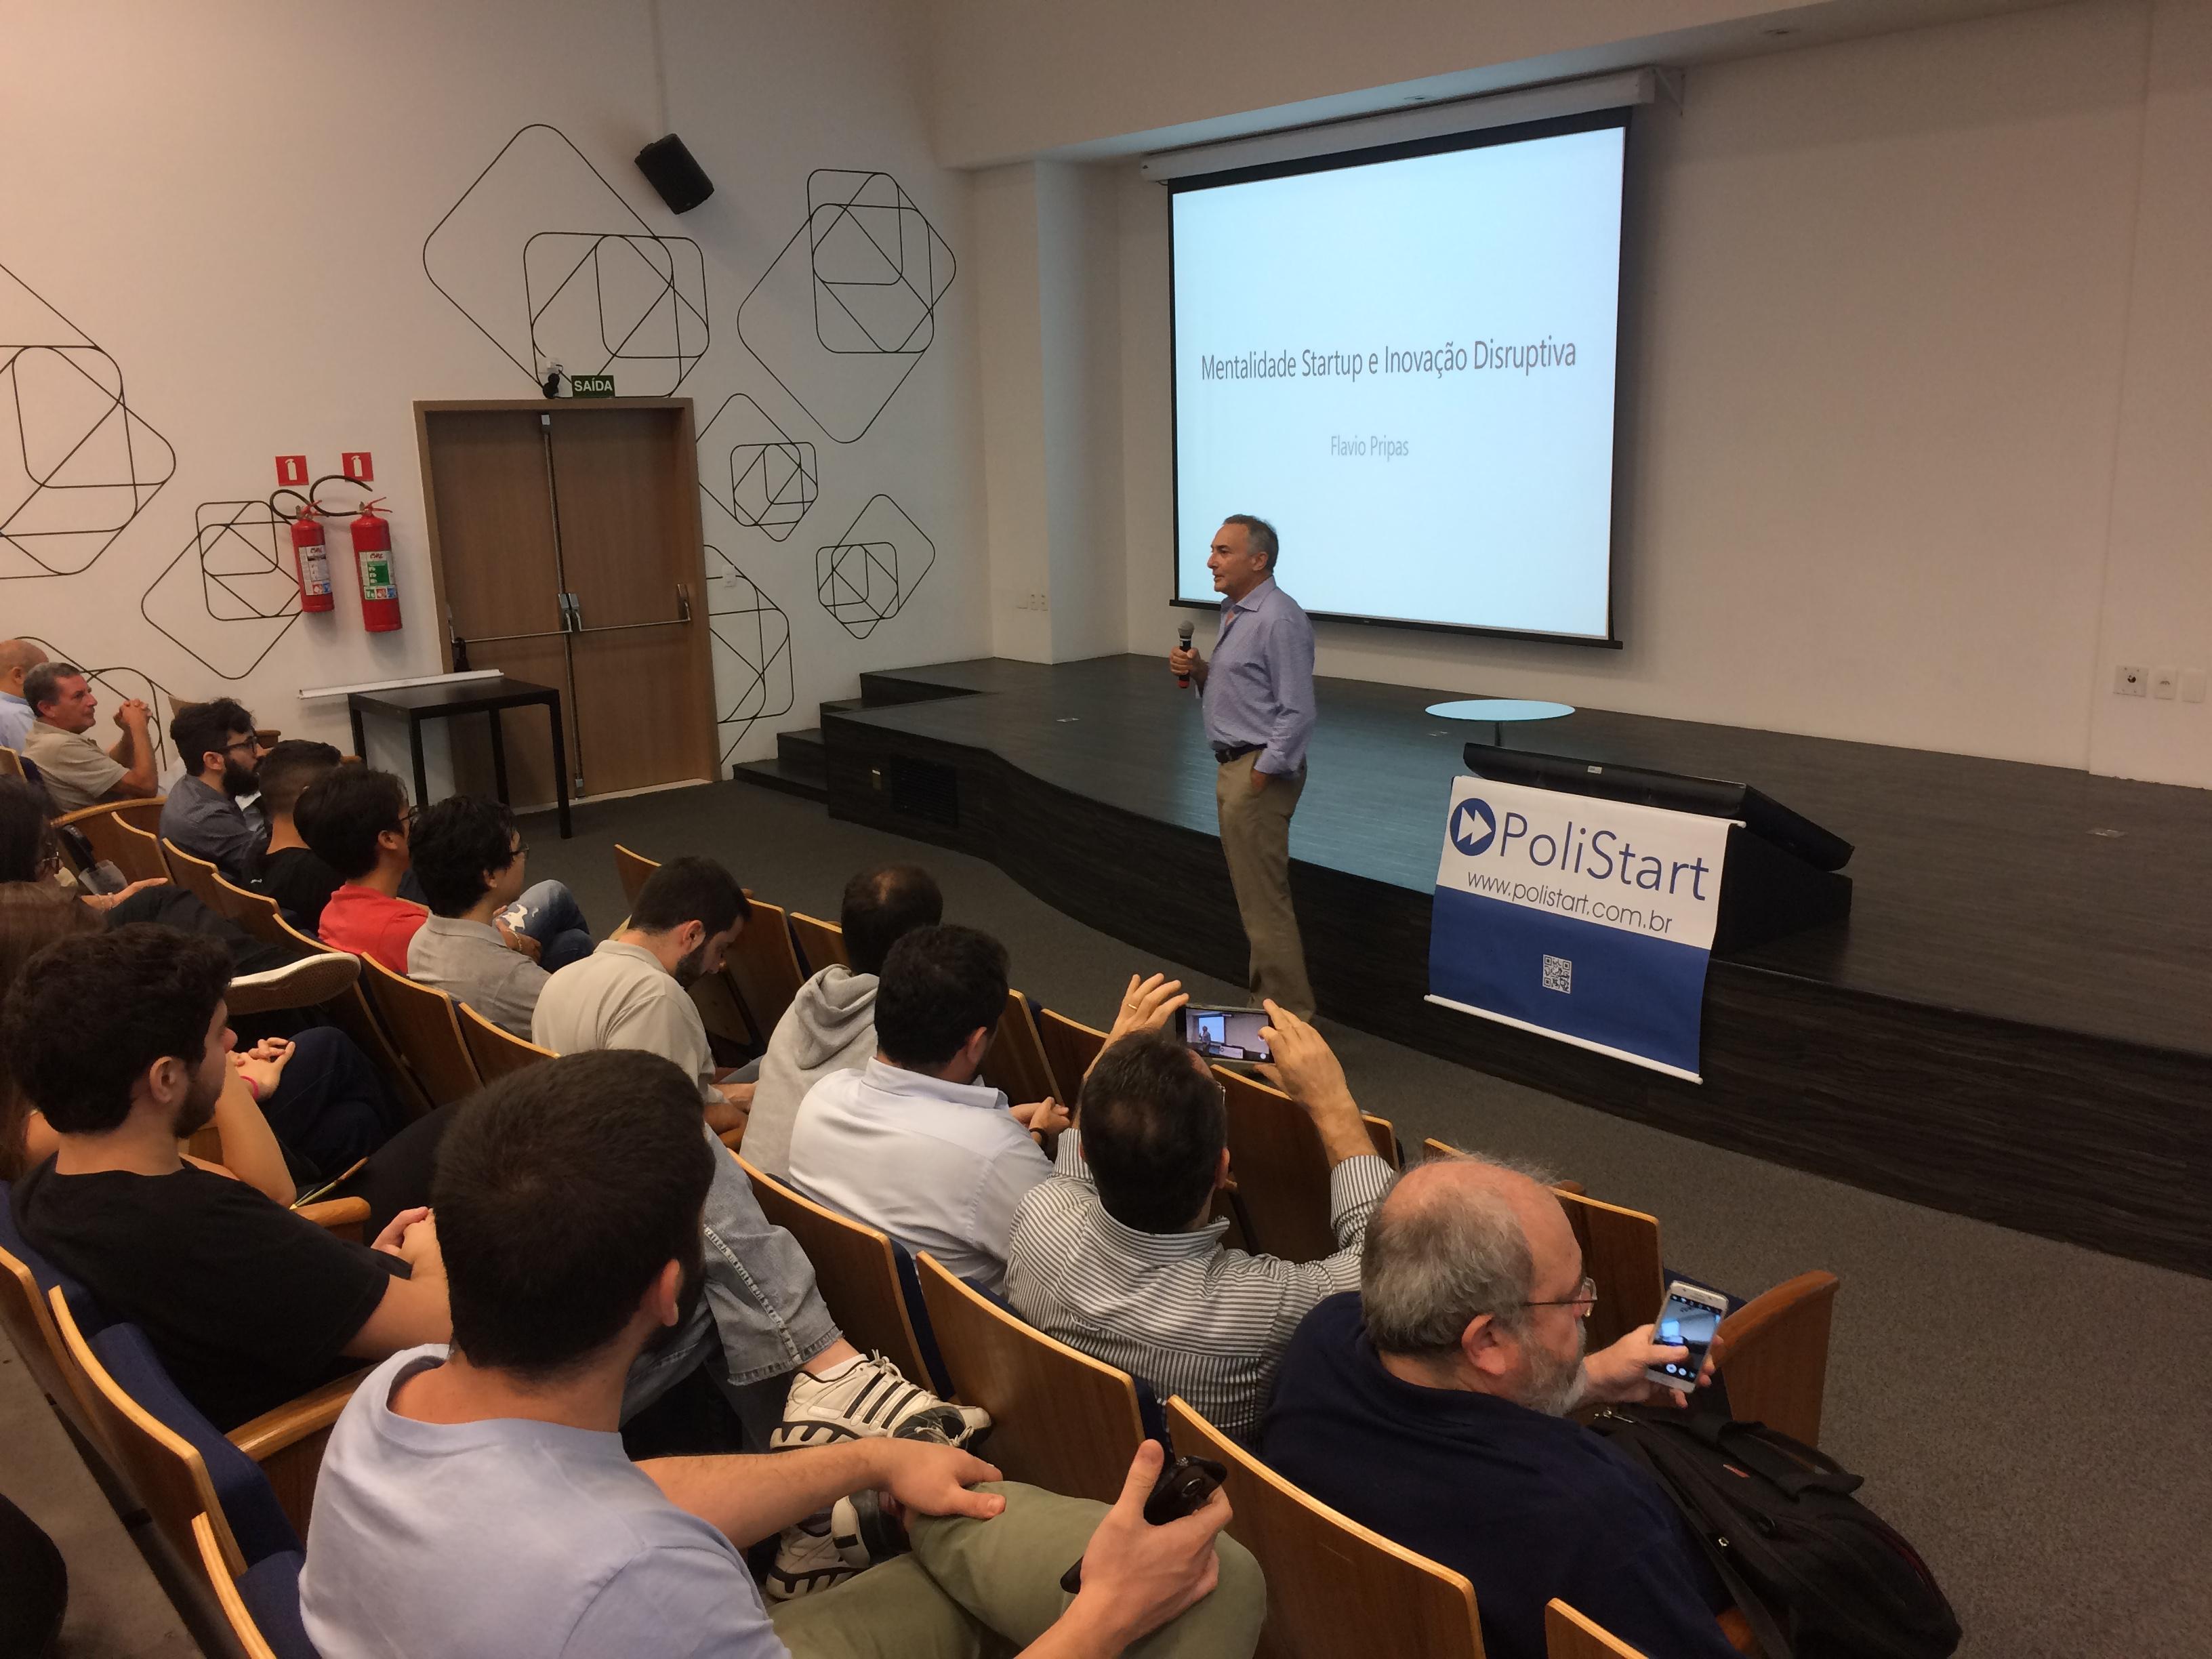 PoliStart estréia em evento do Cubo e apresenta 10 startups de estudantes da Politécnica e USP